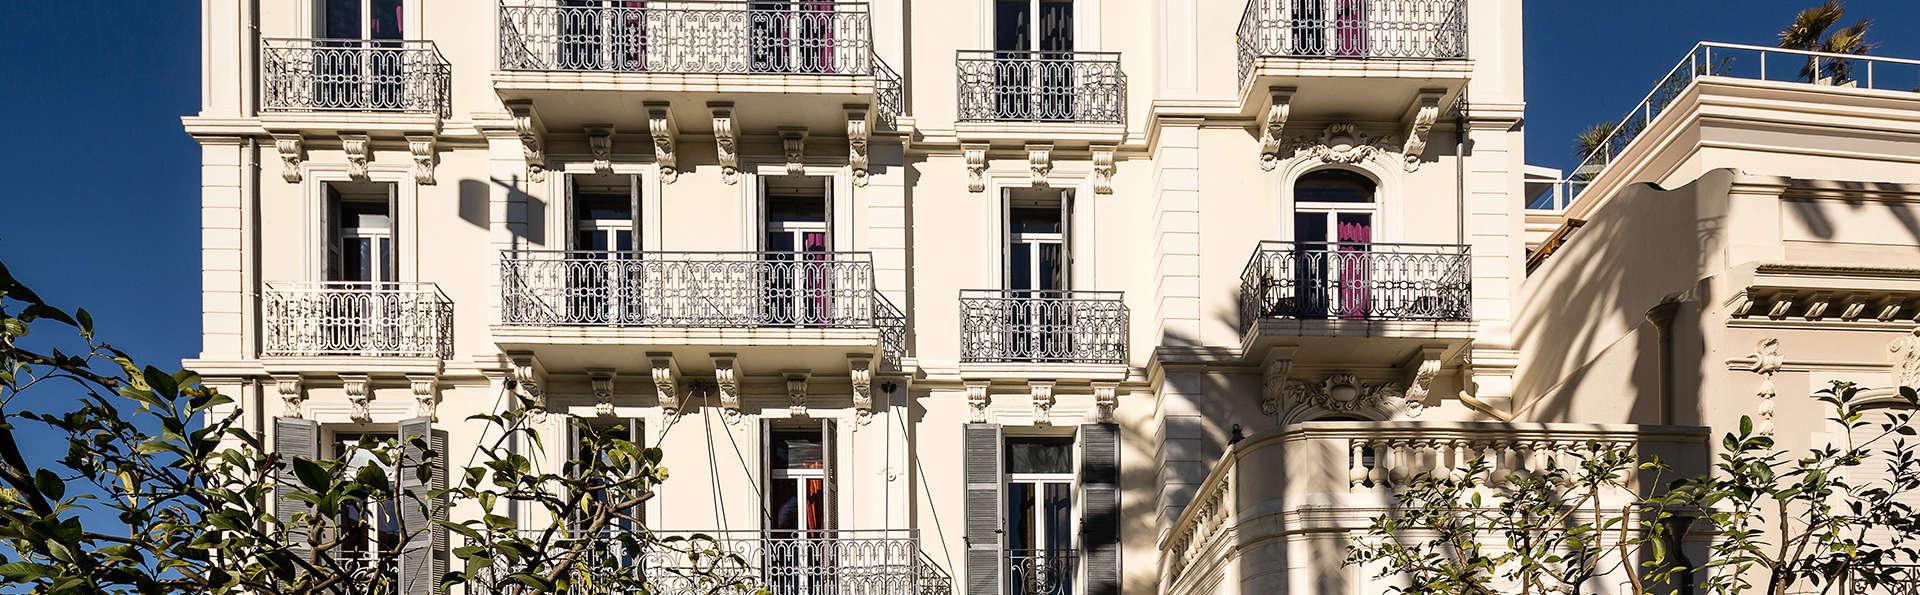 Villa Garbo - EDIT_front1.jpg